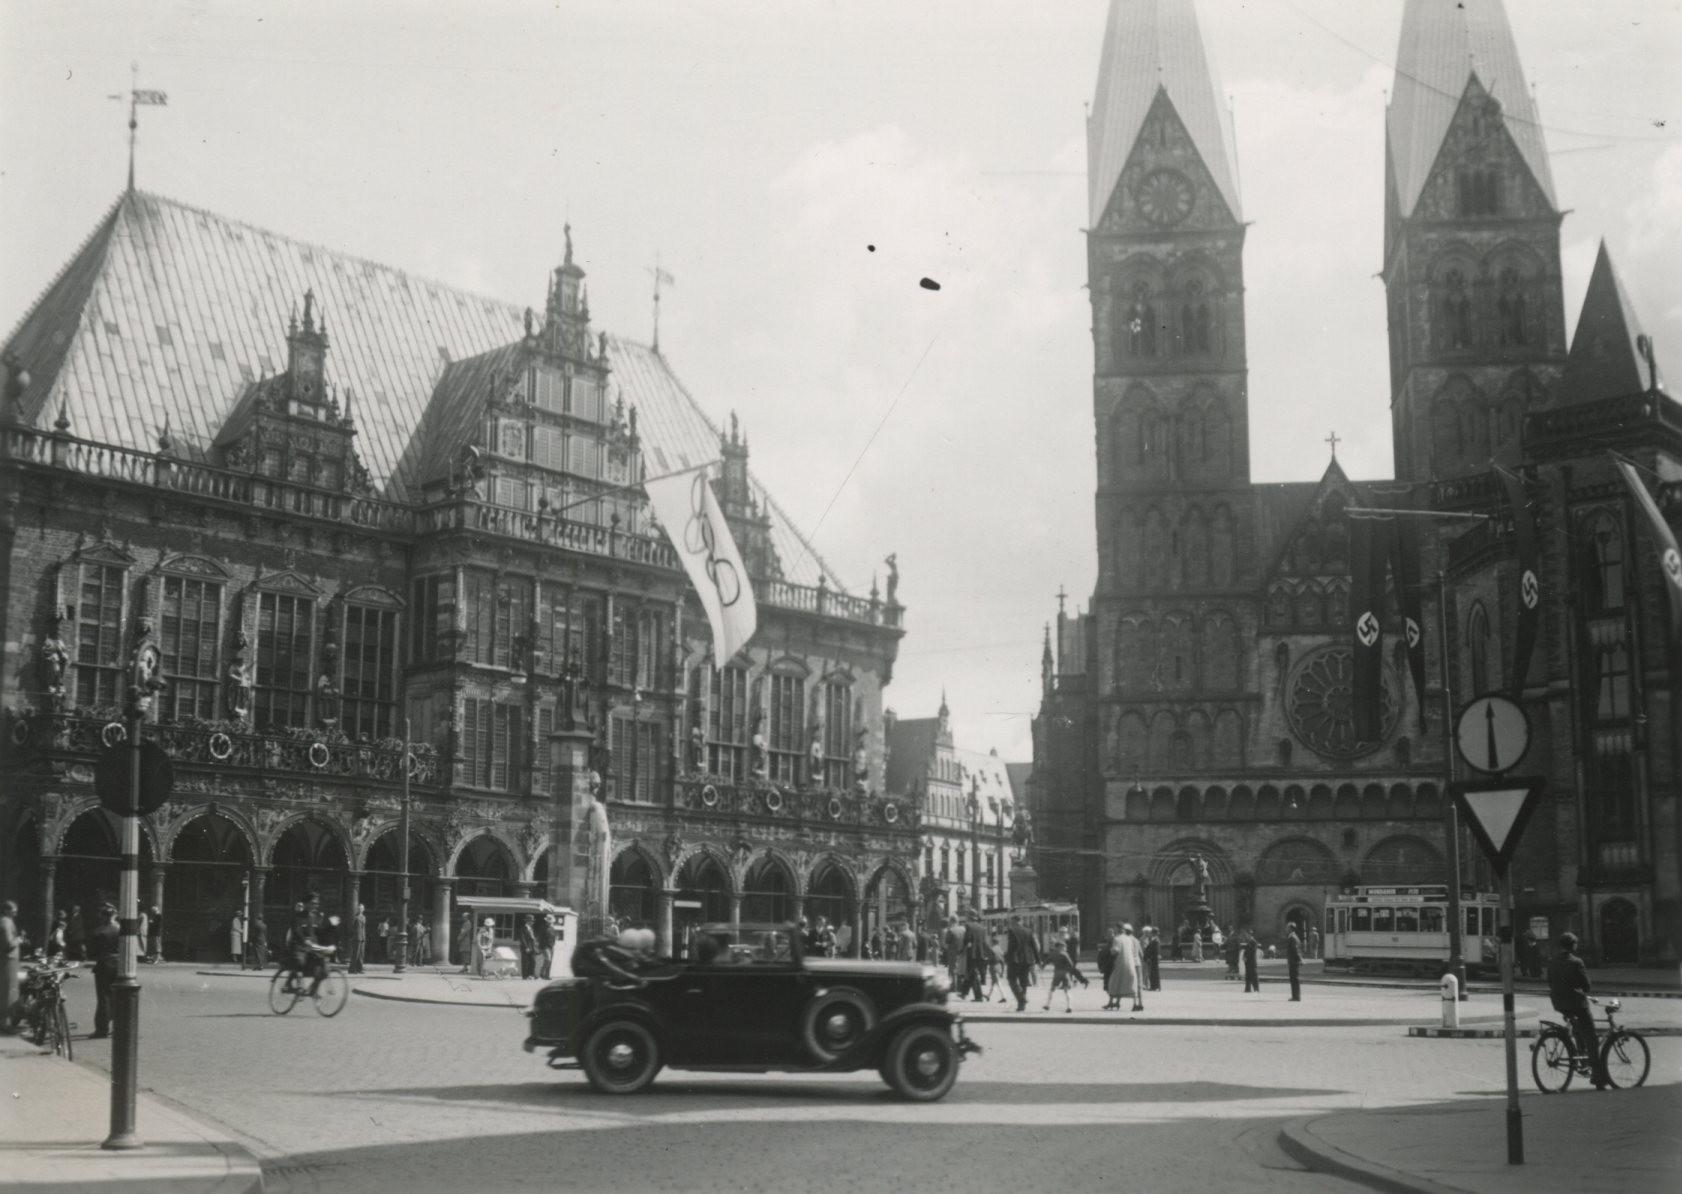 Feierlich geschmückt: Vom Rathaus hing die Olympia-Flagge. Quelle: Staatsarchiv Bremen